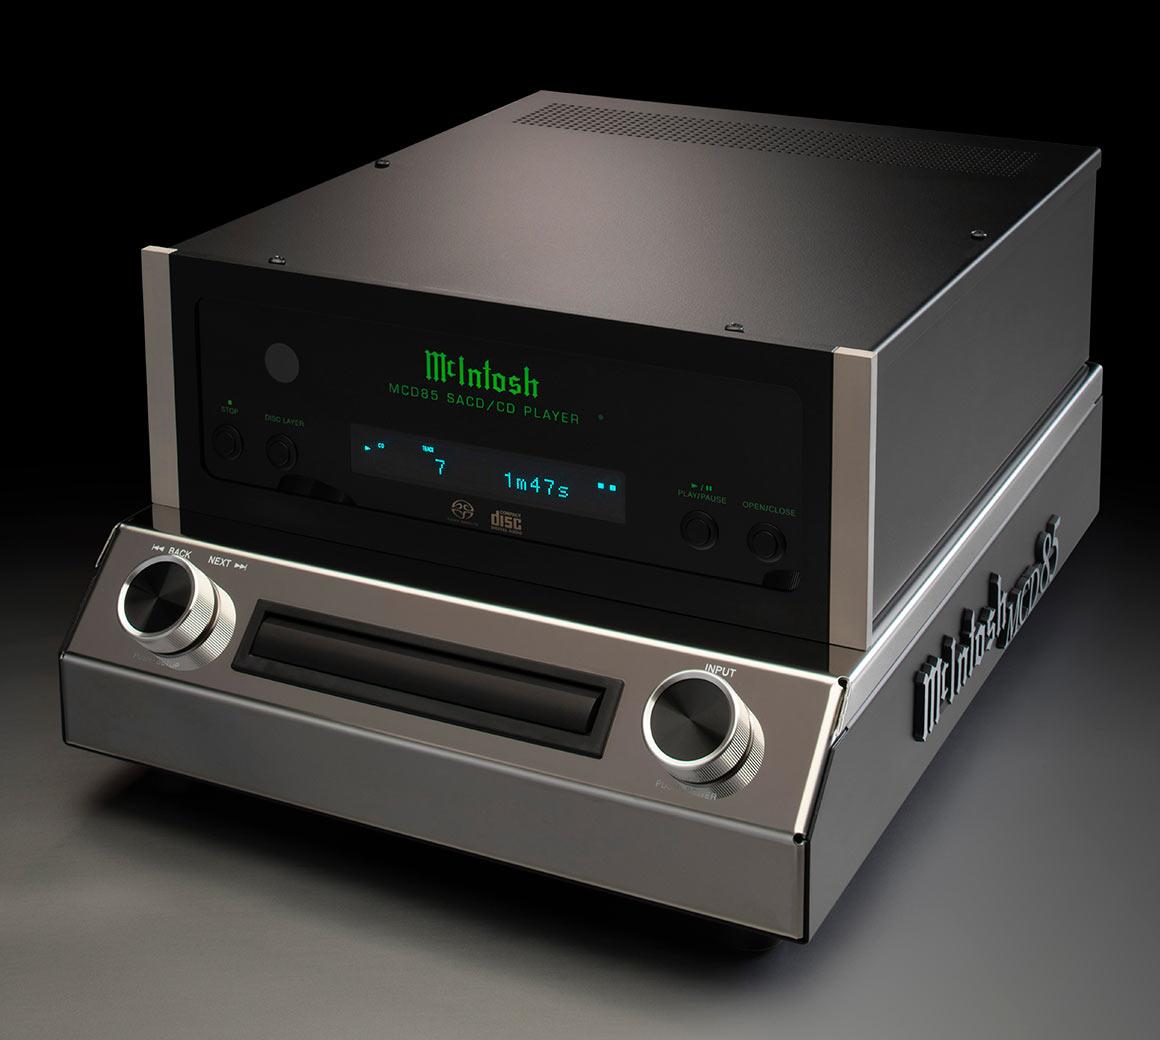 McIntosh MCD85 SACD/CD Spiller med DAC